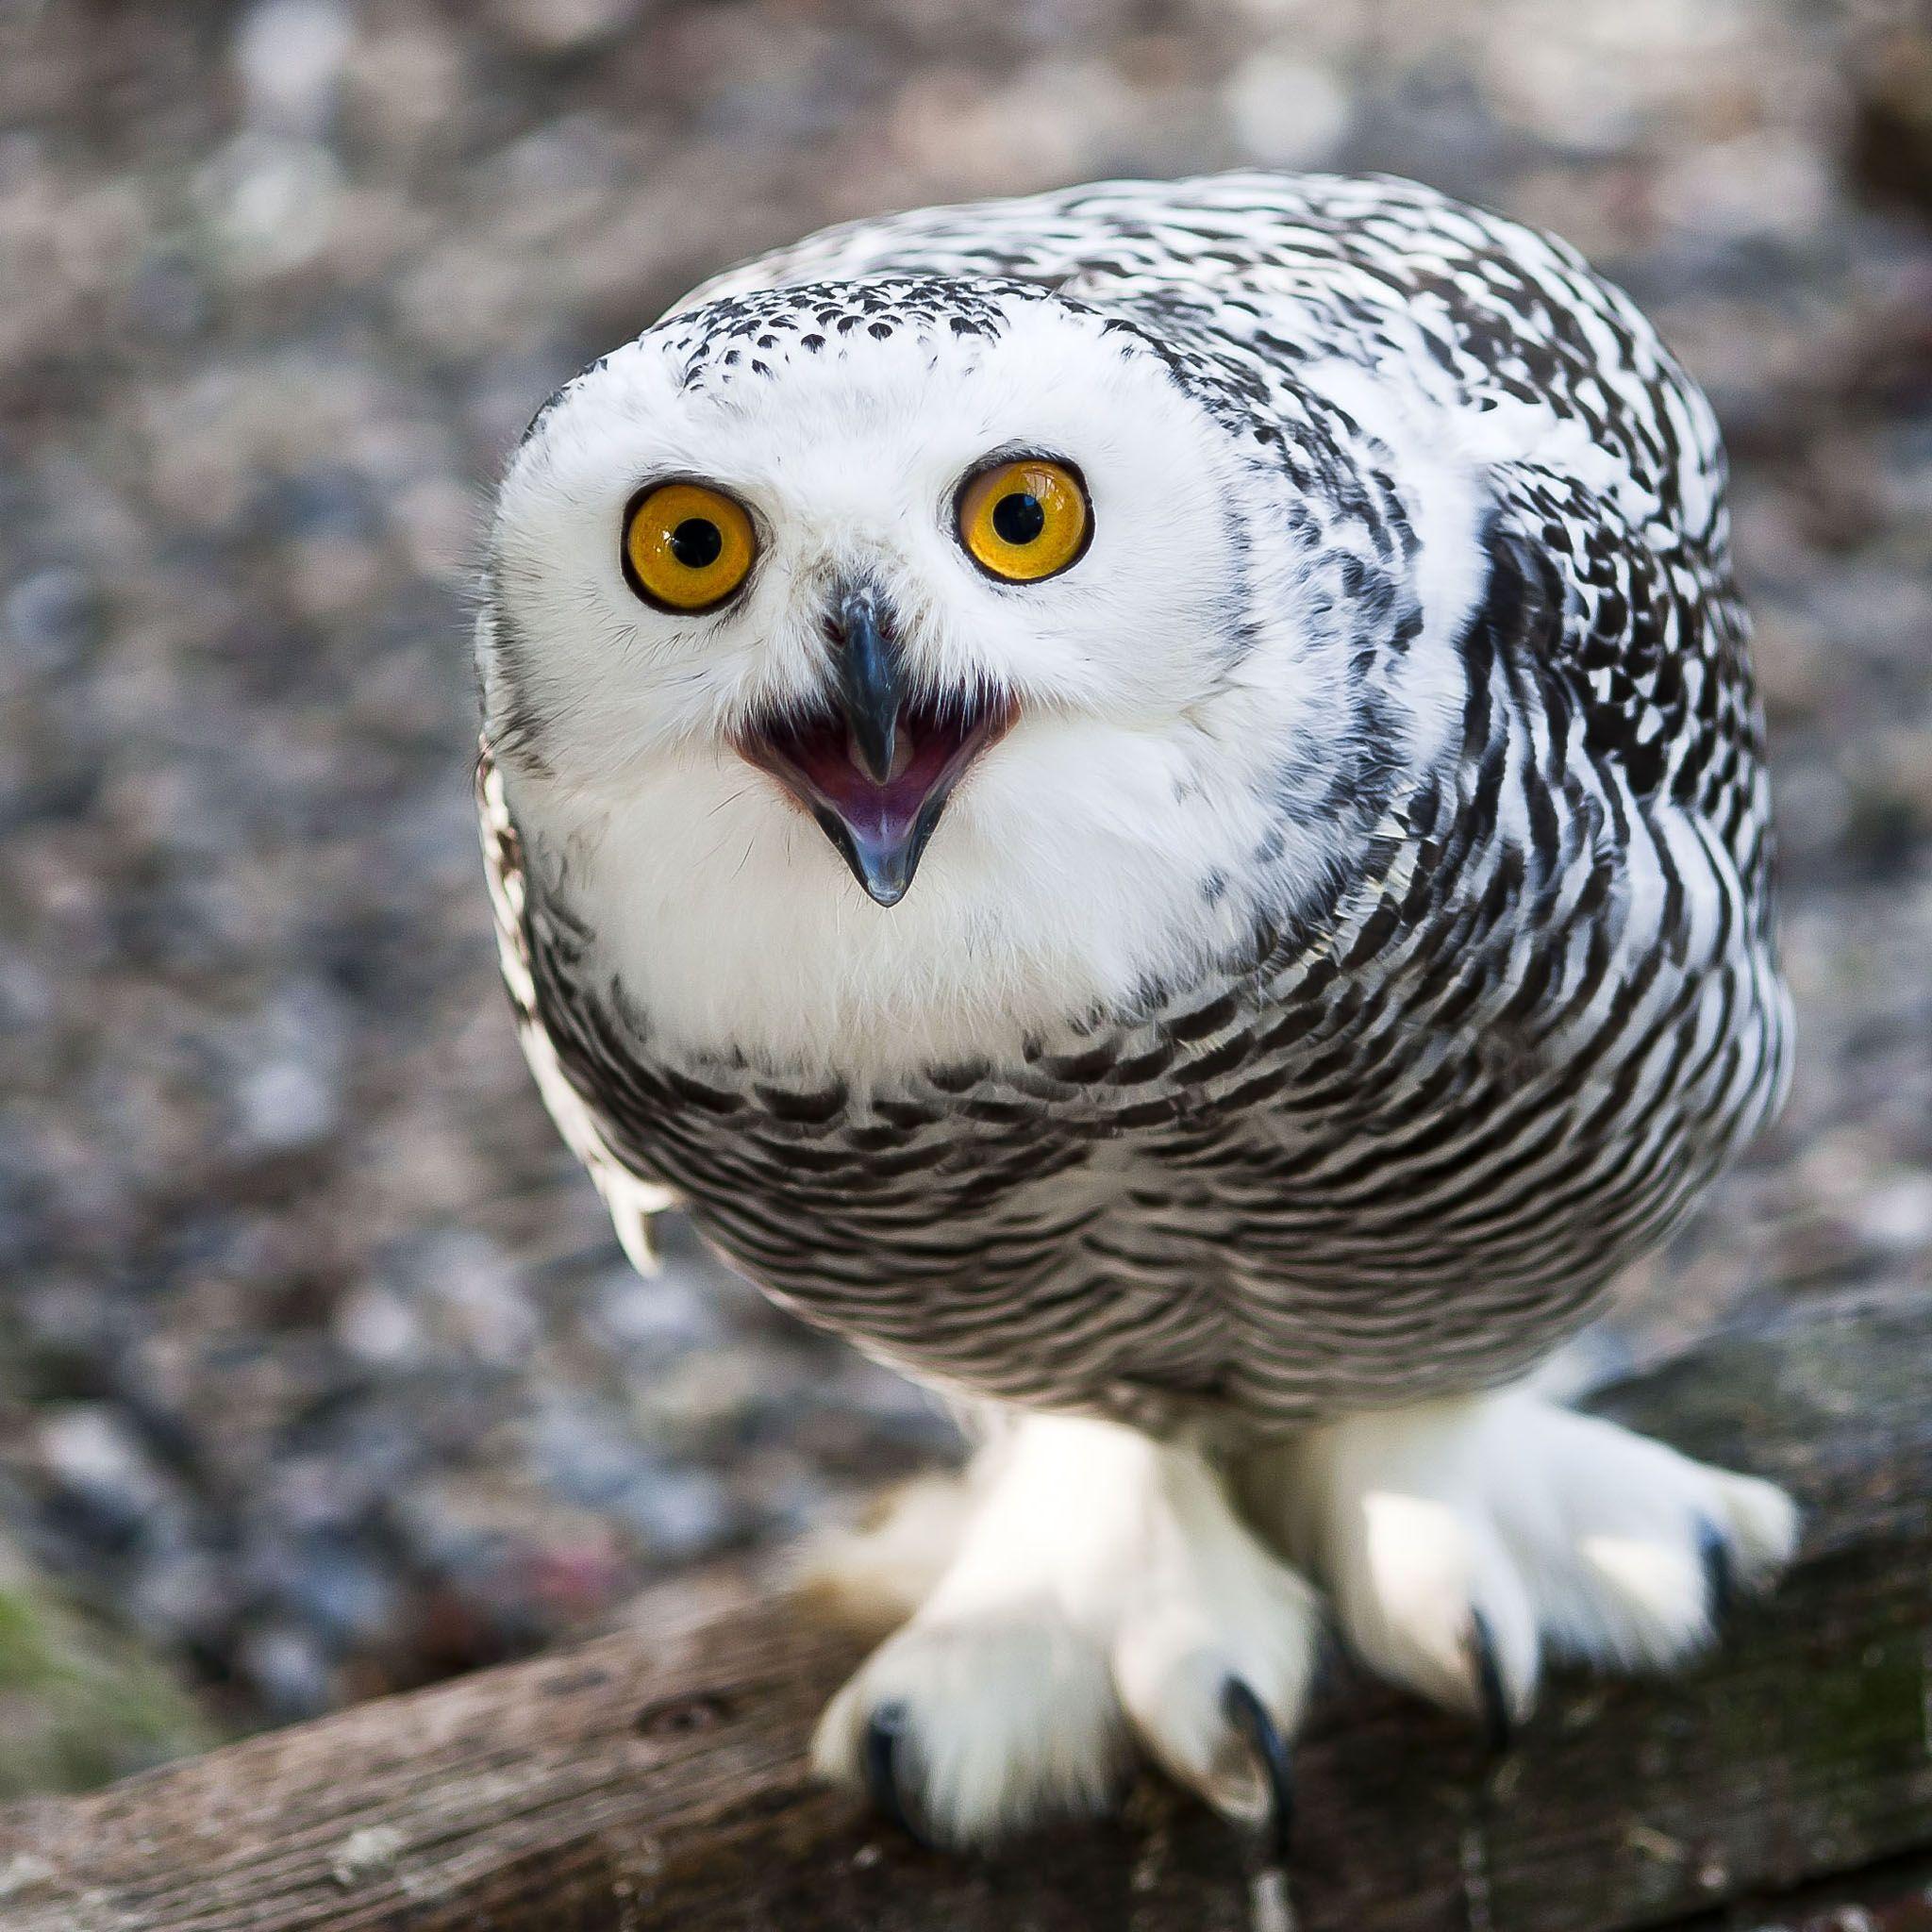 Snowy Owl Bird, Snowy Owl 2048 x 2048 iPod 3 wallpapers